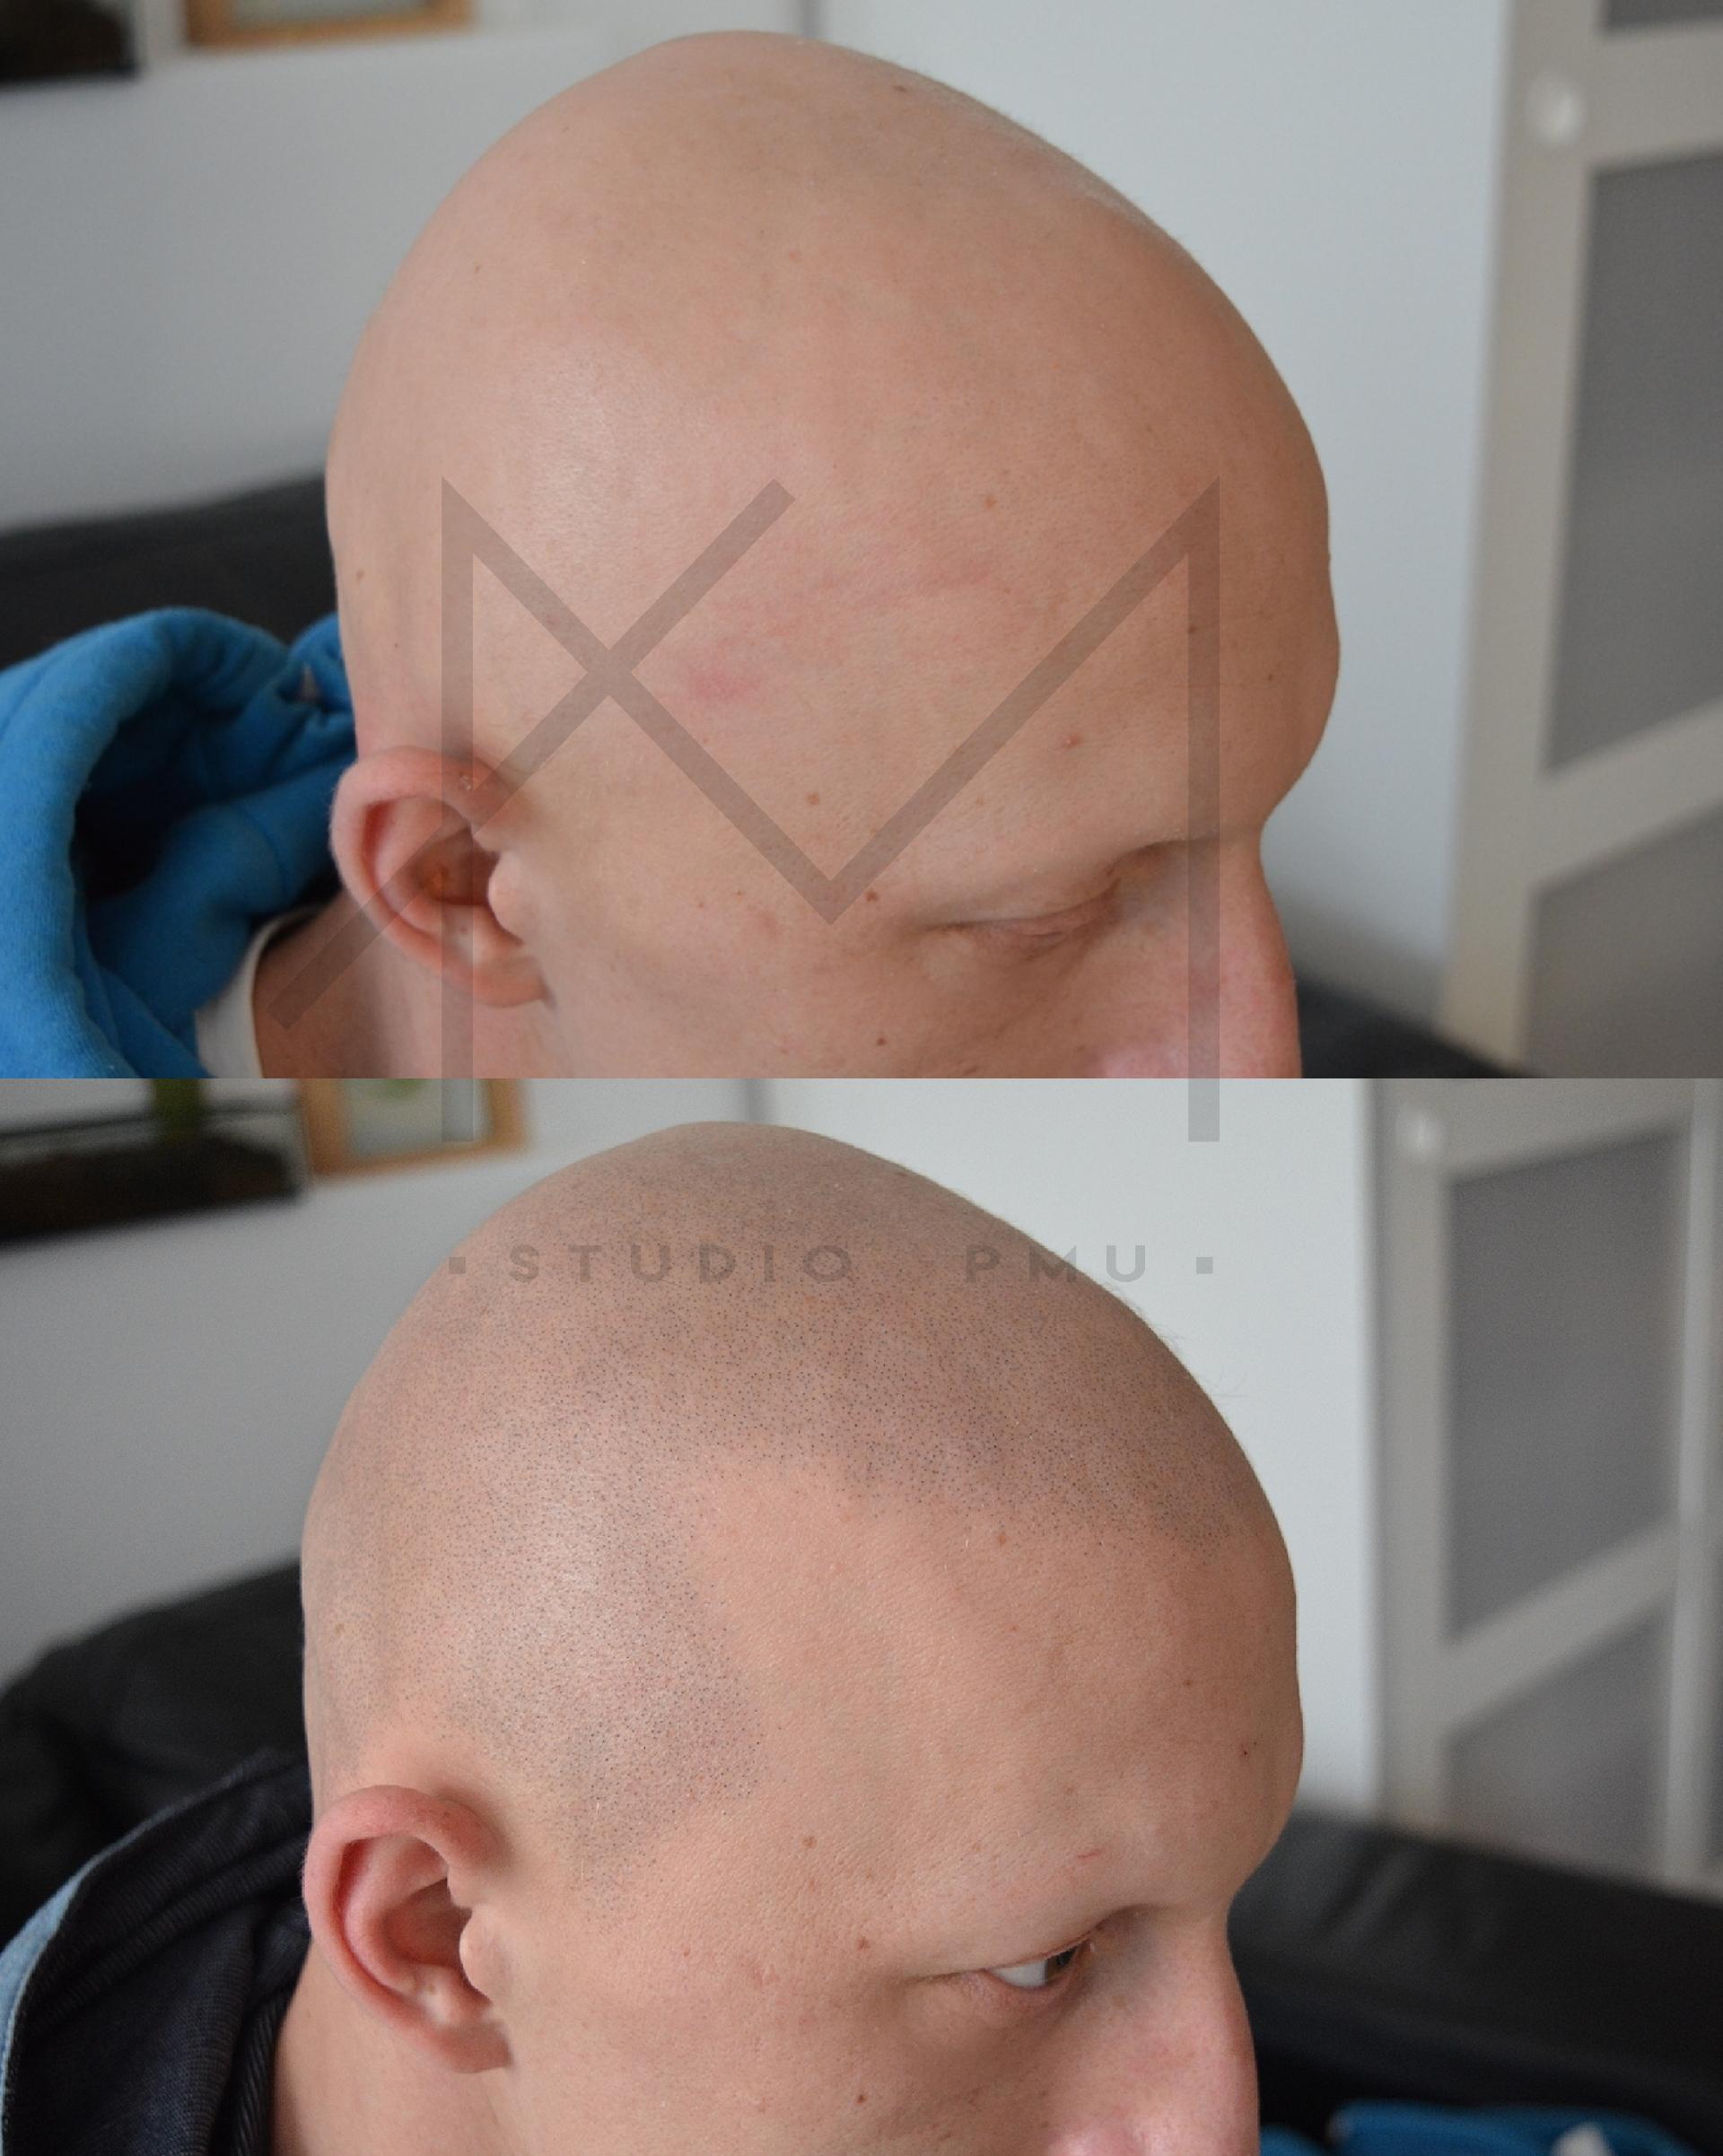 łysienie plackowate androgenowe wykonana mikropigmentacja skóry głowy